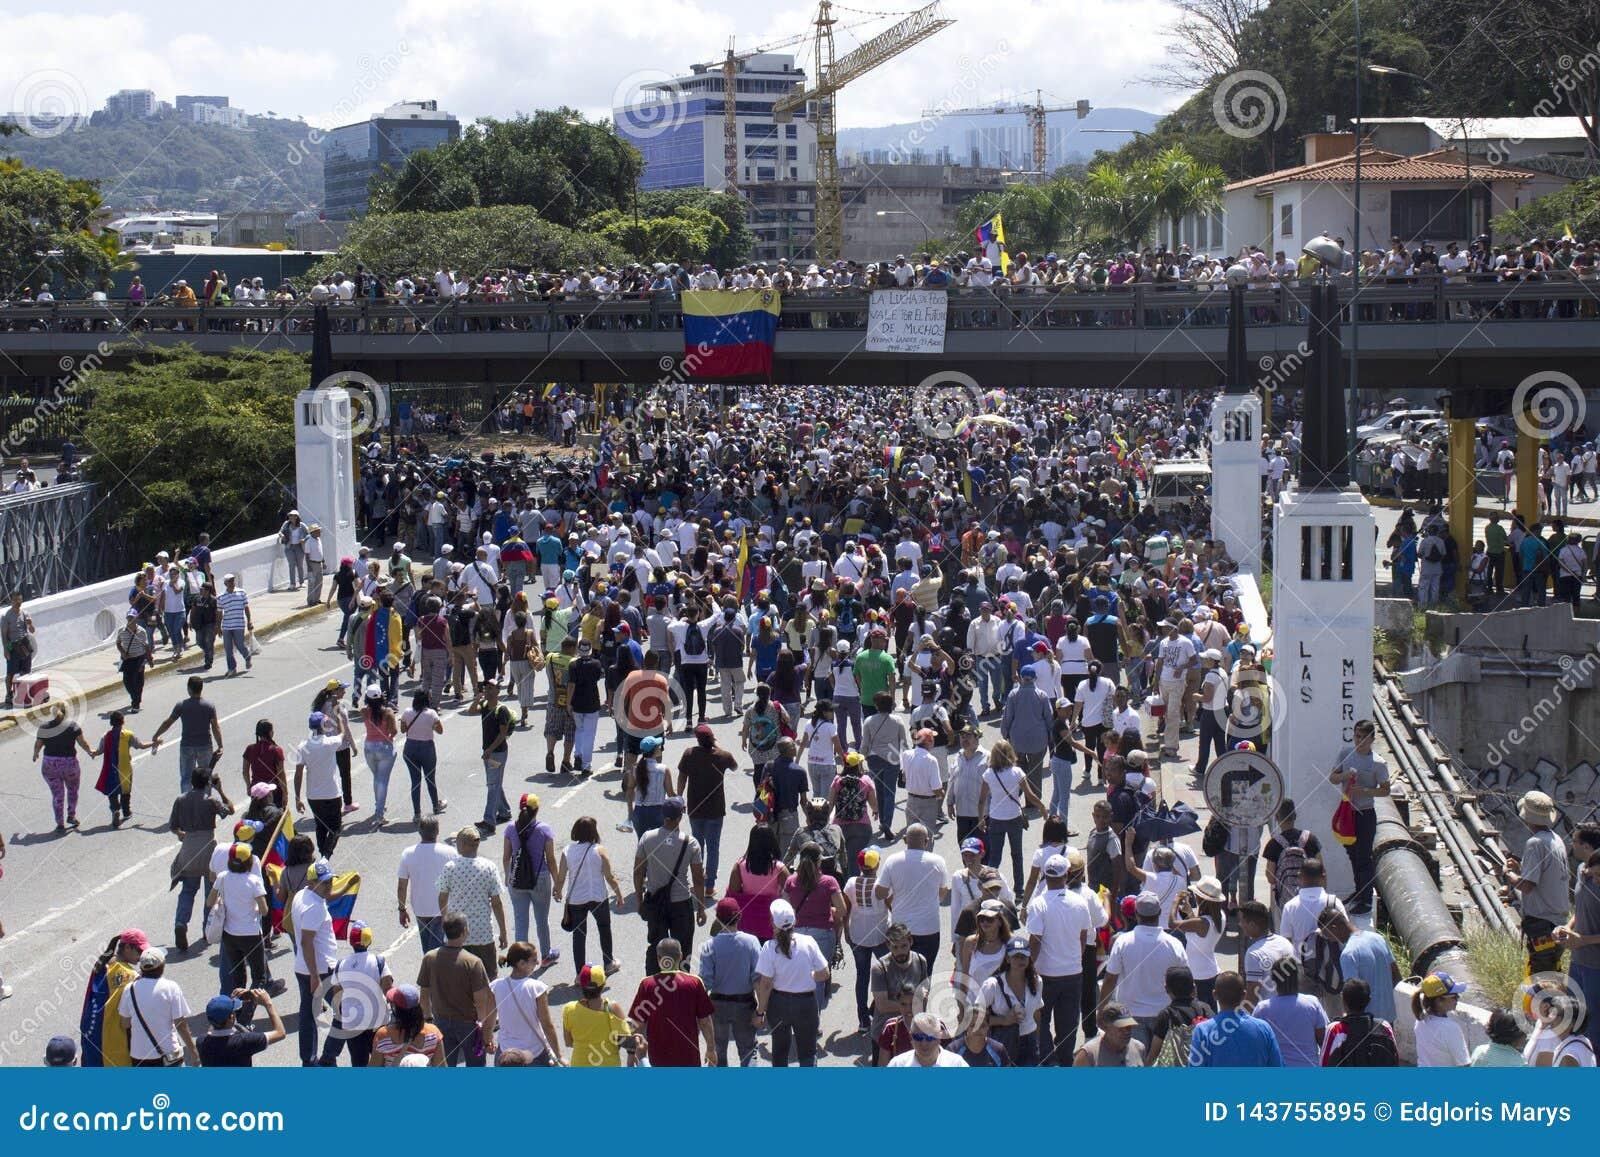 委内瑞拉停电:抗议在停电的委内瑞拉发生